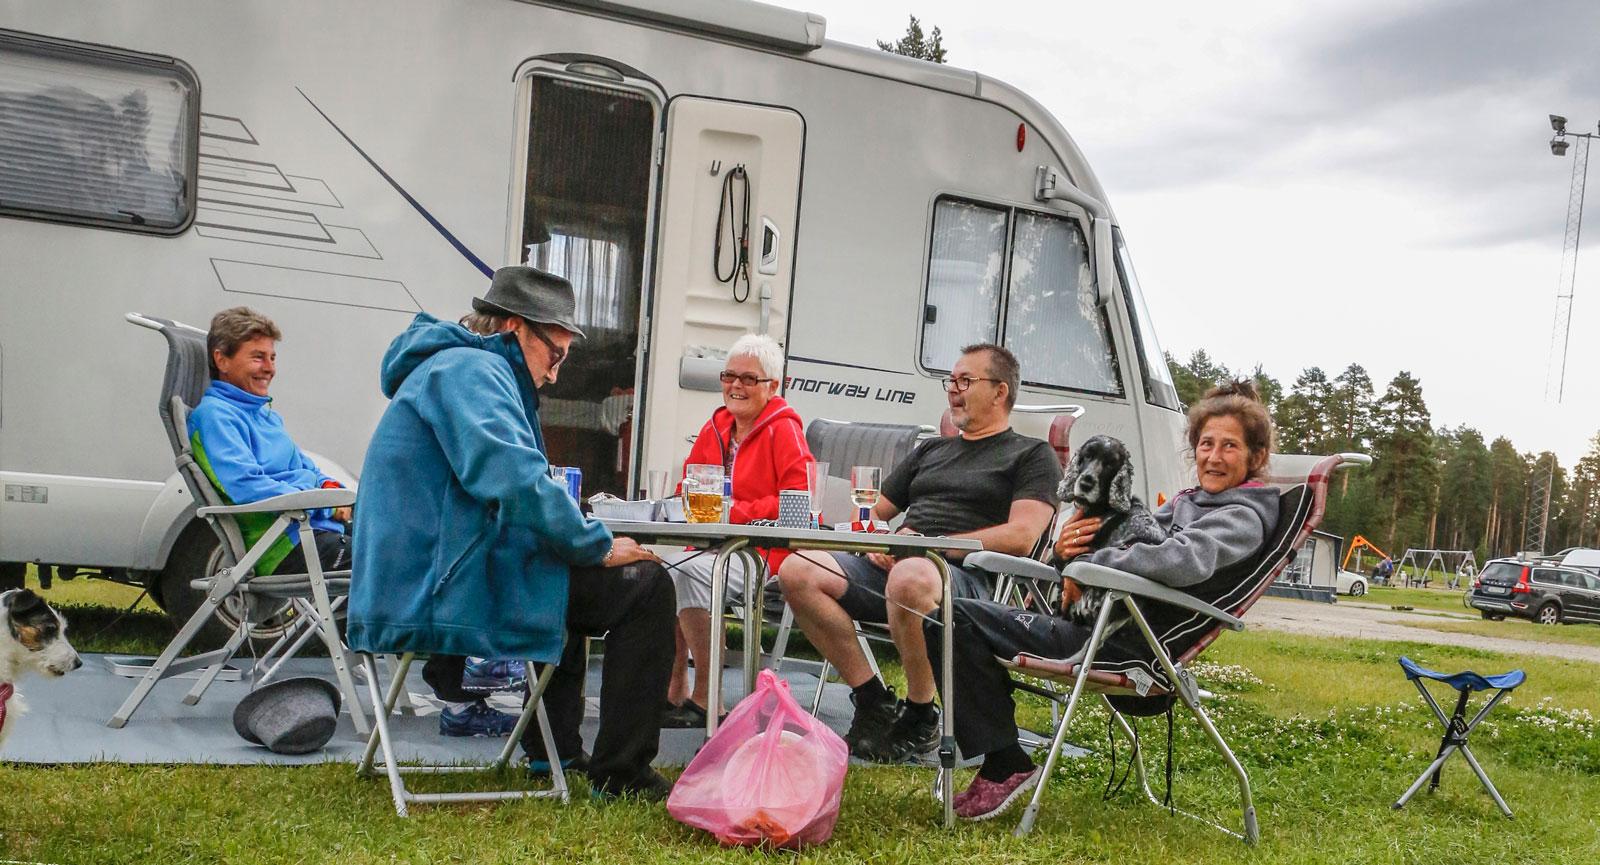 – Det bästa med norra Sverige är alla trevliga människor och sedan gillar vi att ölen är så billig här. Vi har varit flera gånger här på Ansia som är vår favoritcamping. Trevlig personal och rena, fina servicehus, tyckte det här glada husbilsgänget från Bodö i Norge.